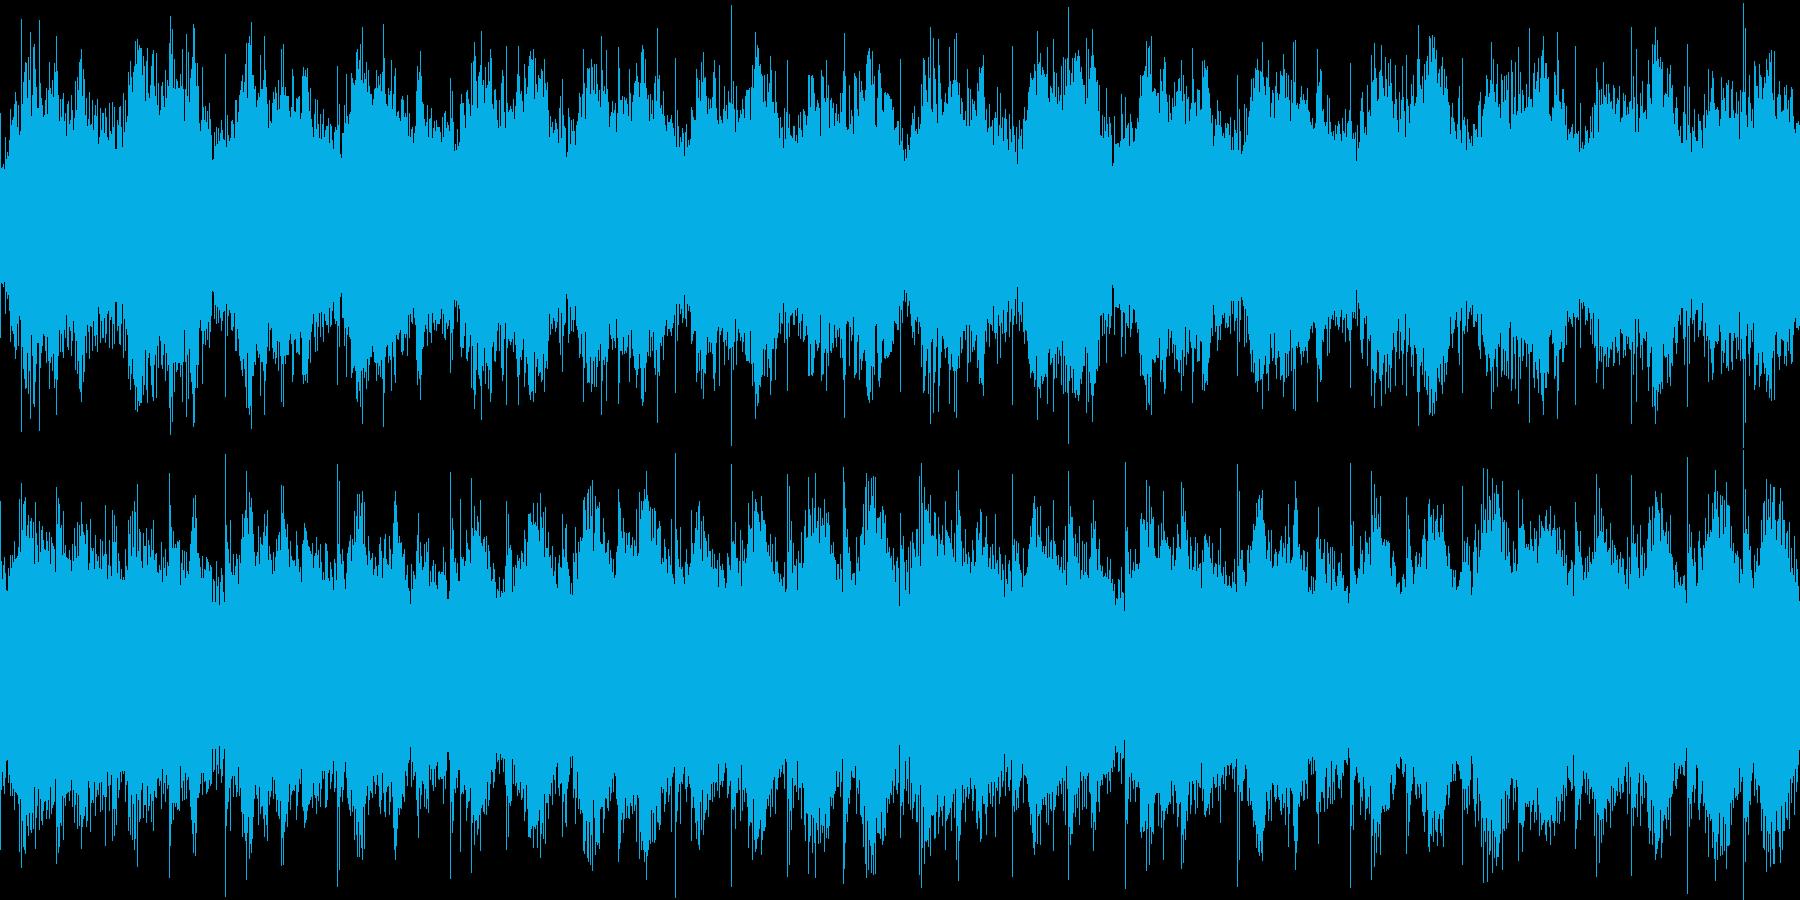 浮遊感のある宇宙っぽいエピックサウンドの再生済みの波形